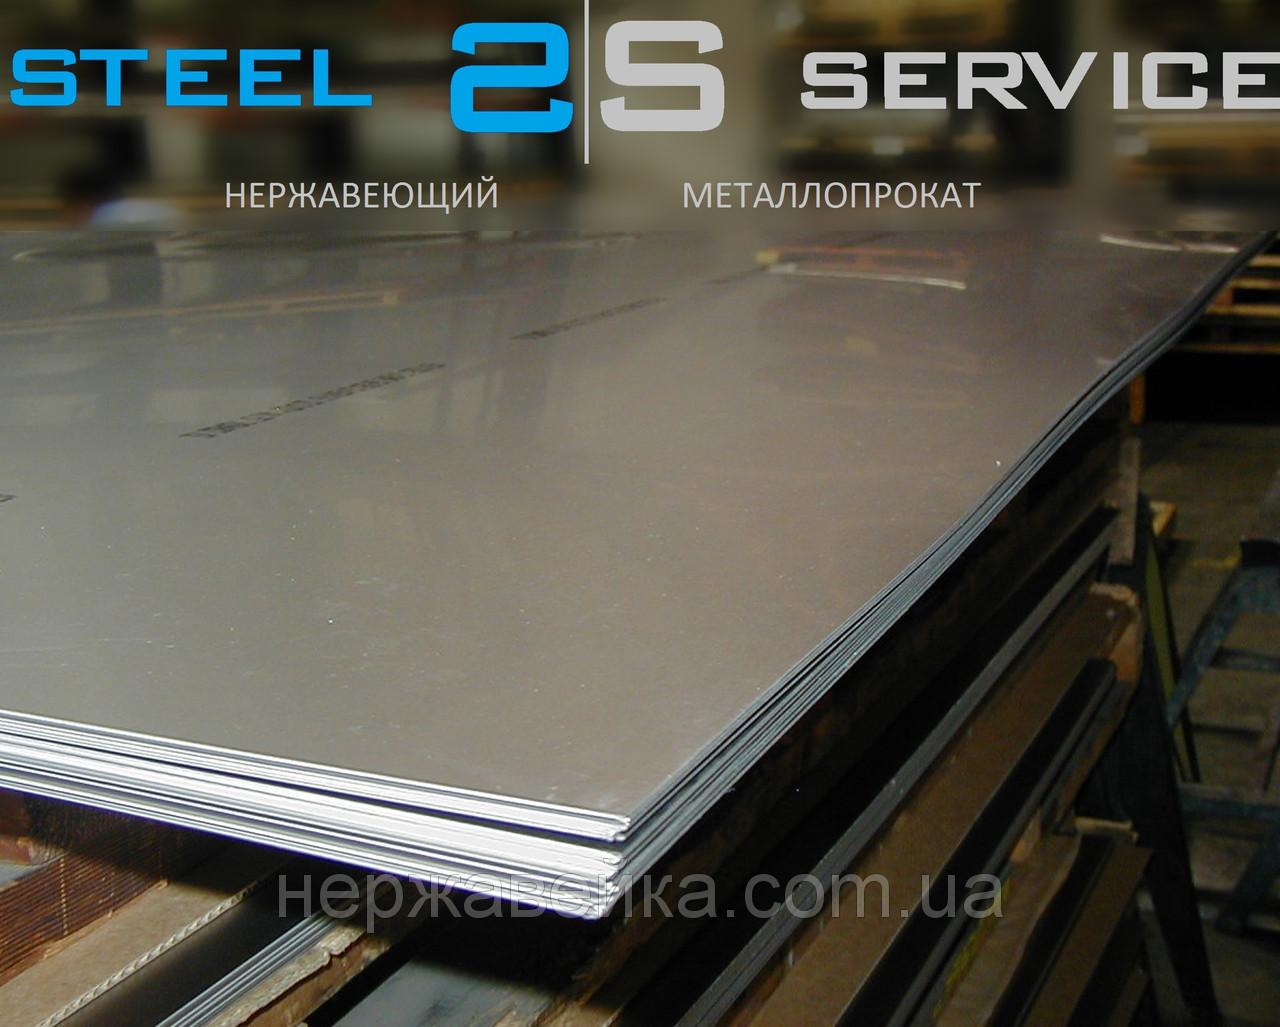 Нержавеющий лист 2х1250х2500мм  AISI 309(20Х23Н13, 20Х20Н14С2) 2B - матовый,  жаропрочный